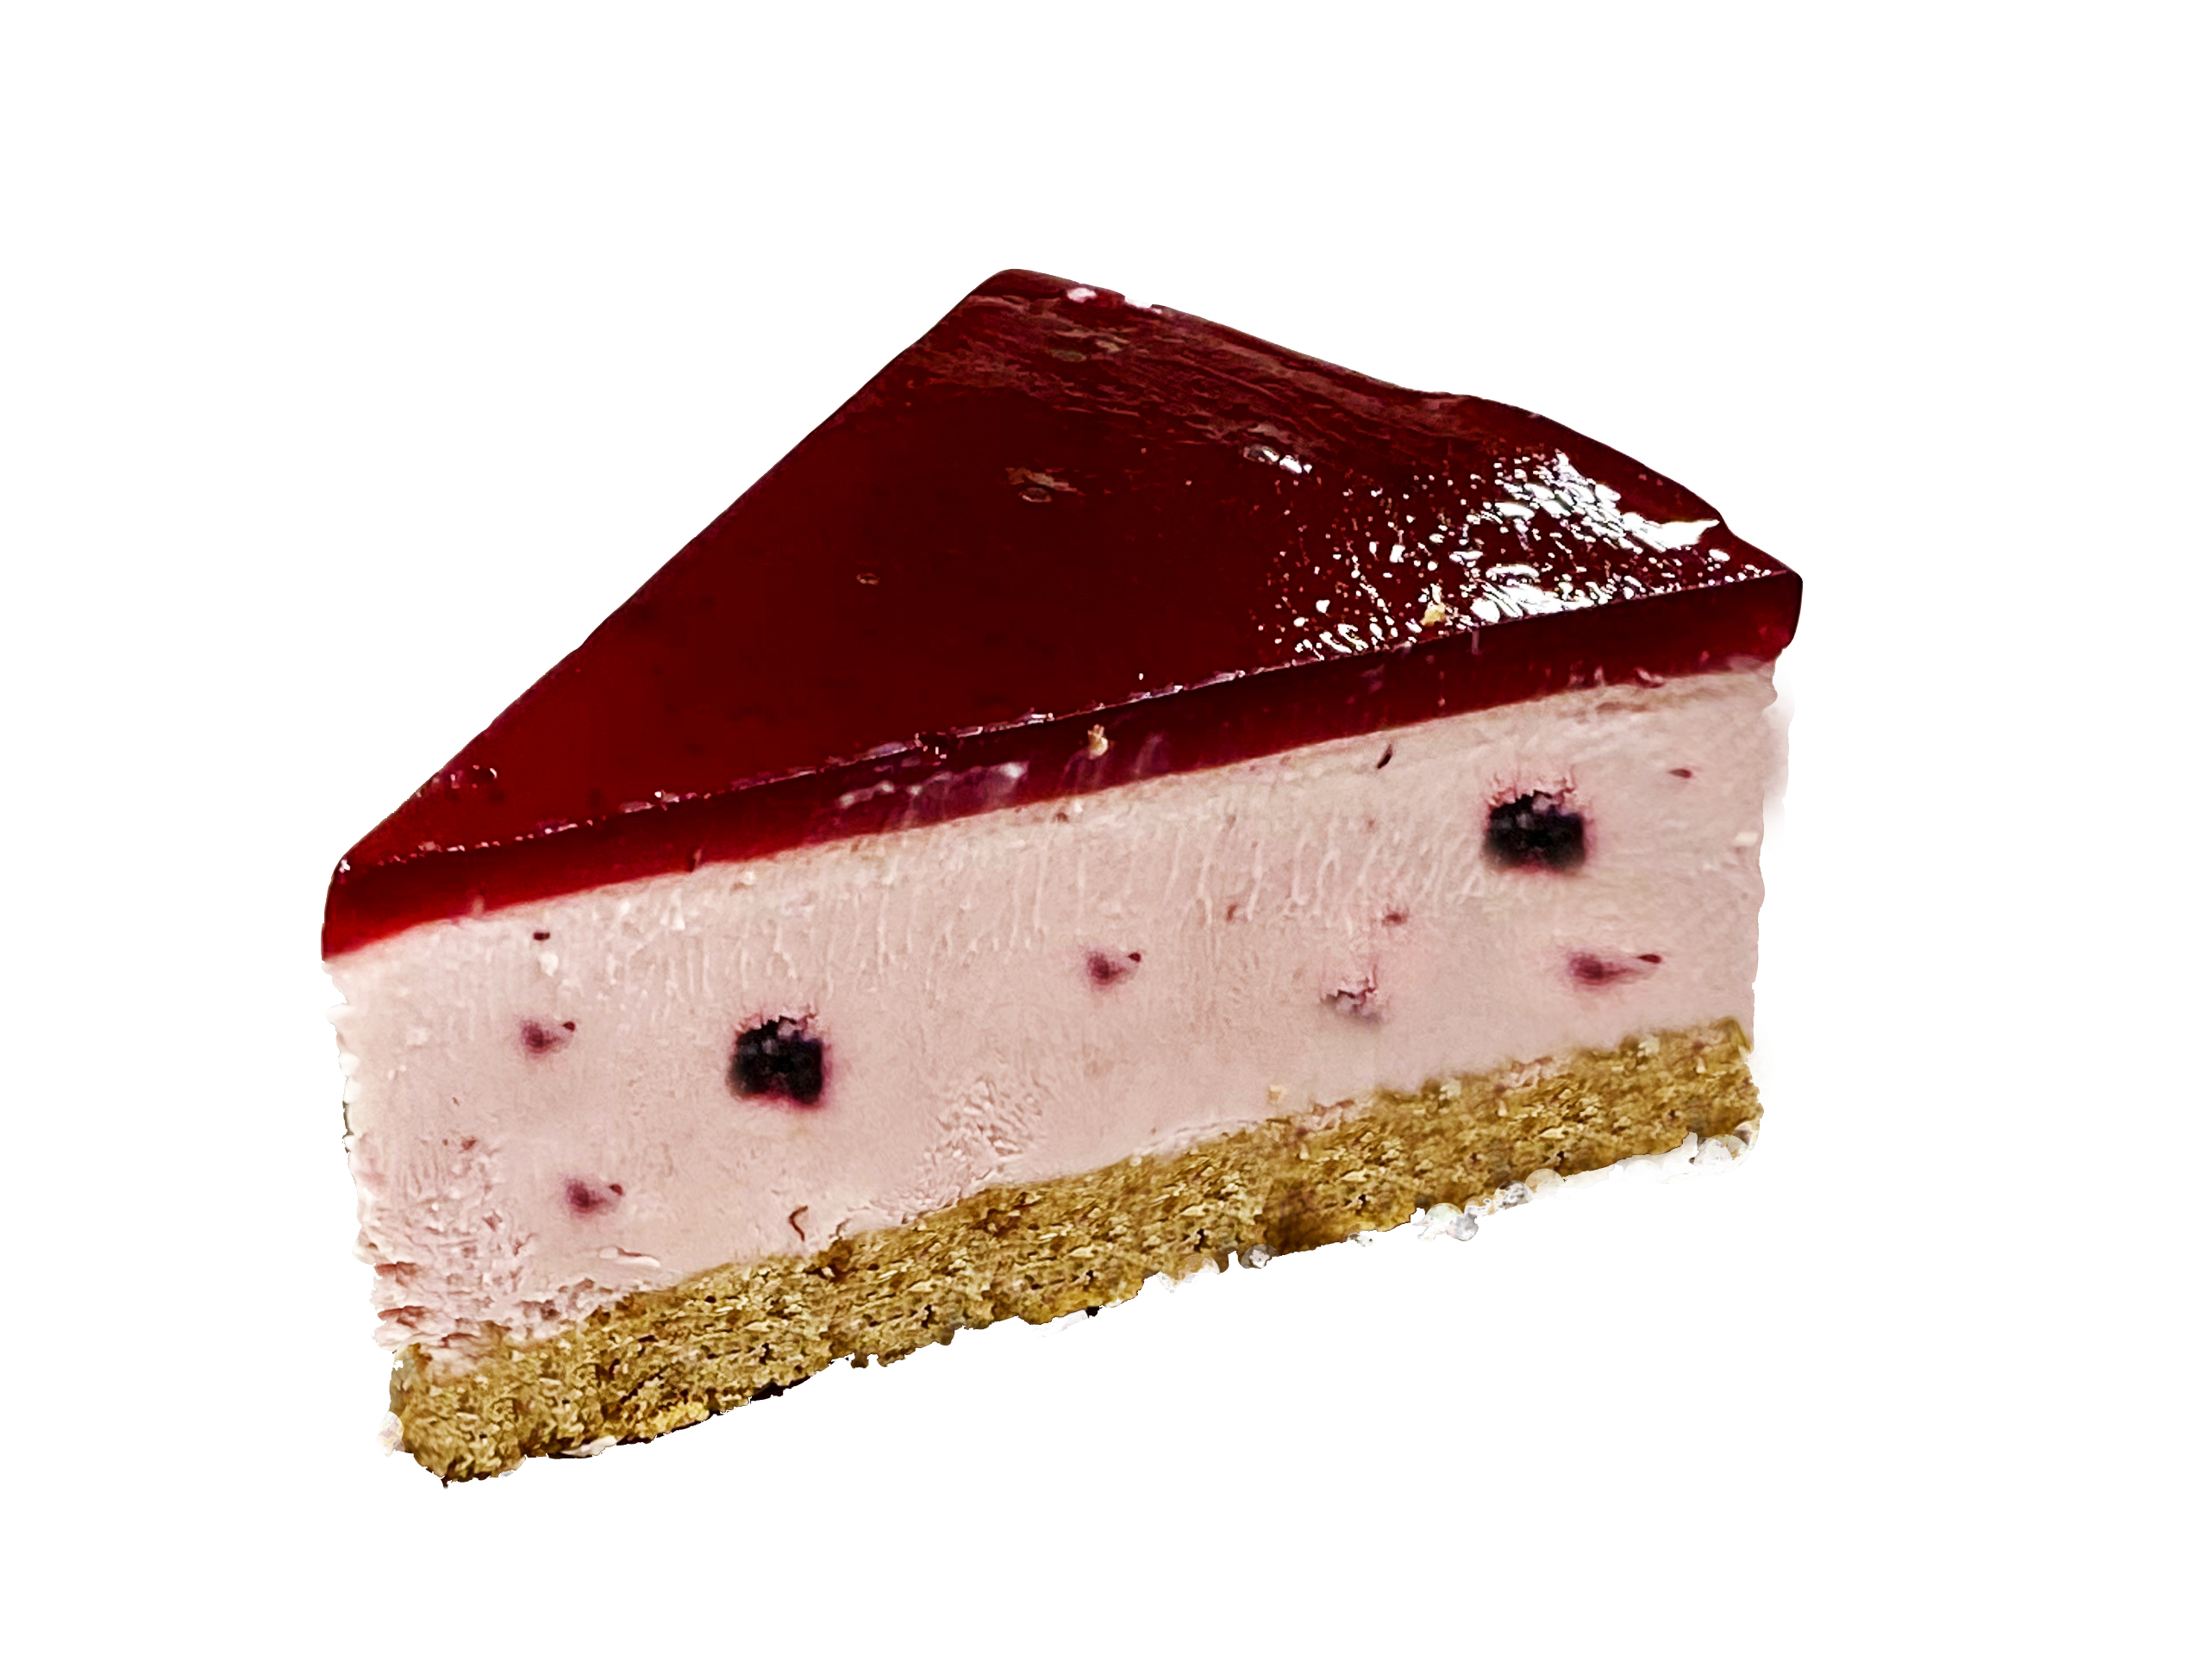 Cheesecake Blåbärsbakelse utan gluten & laktos 2-pack